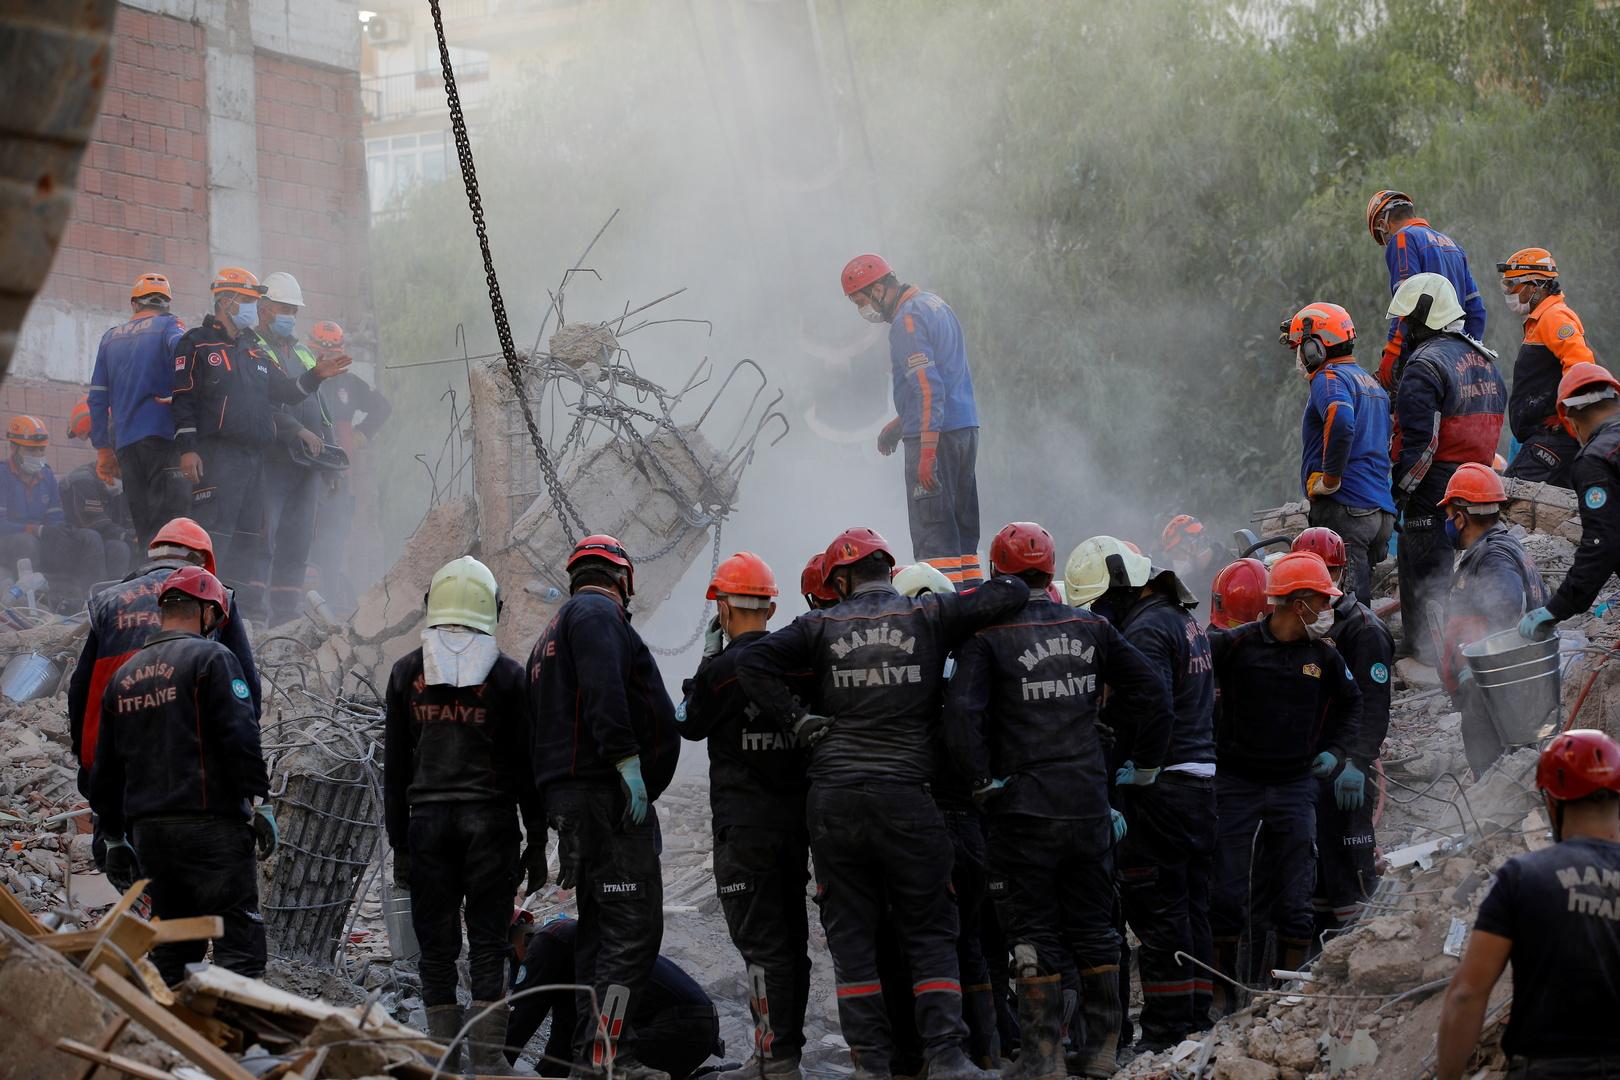 أعمال بحث عن ناجين في منزل مدمر في مدينة إزمير جراء زلزال ضرب غرب تركيا يوم 30 أكتوبر.